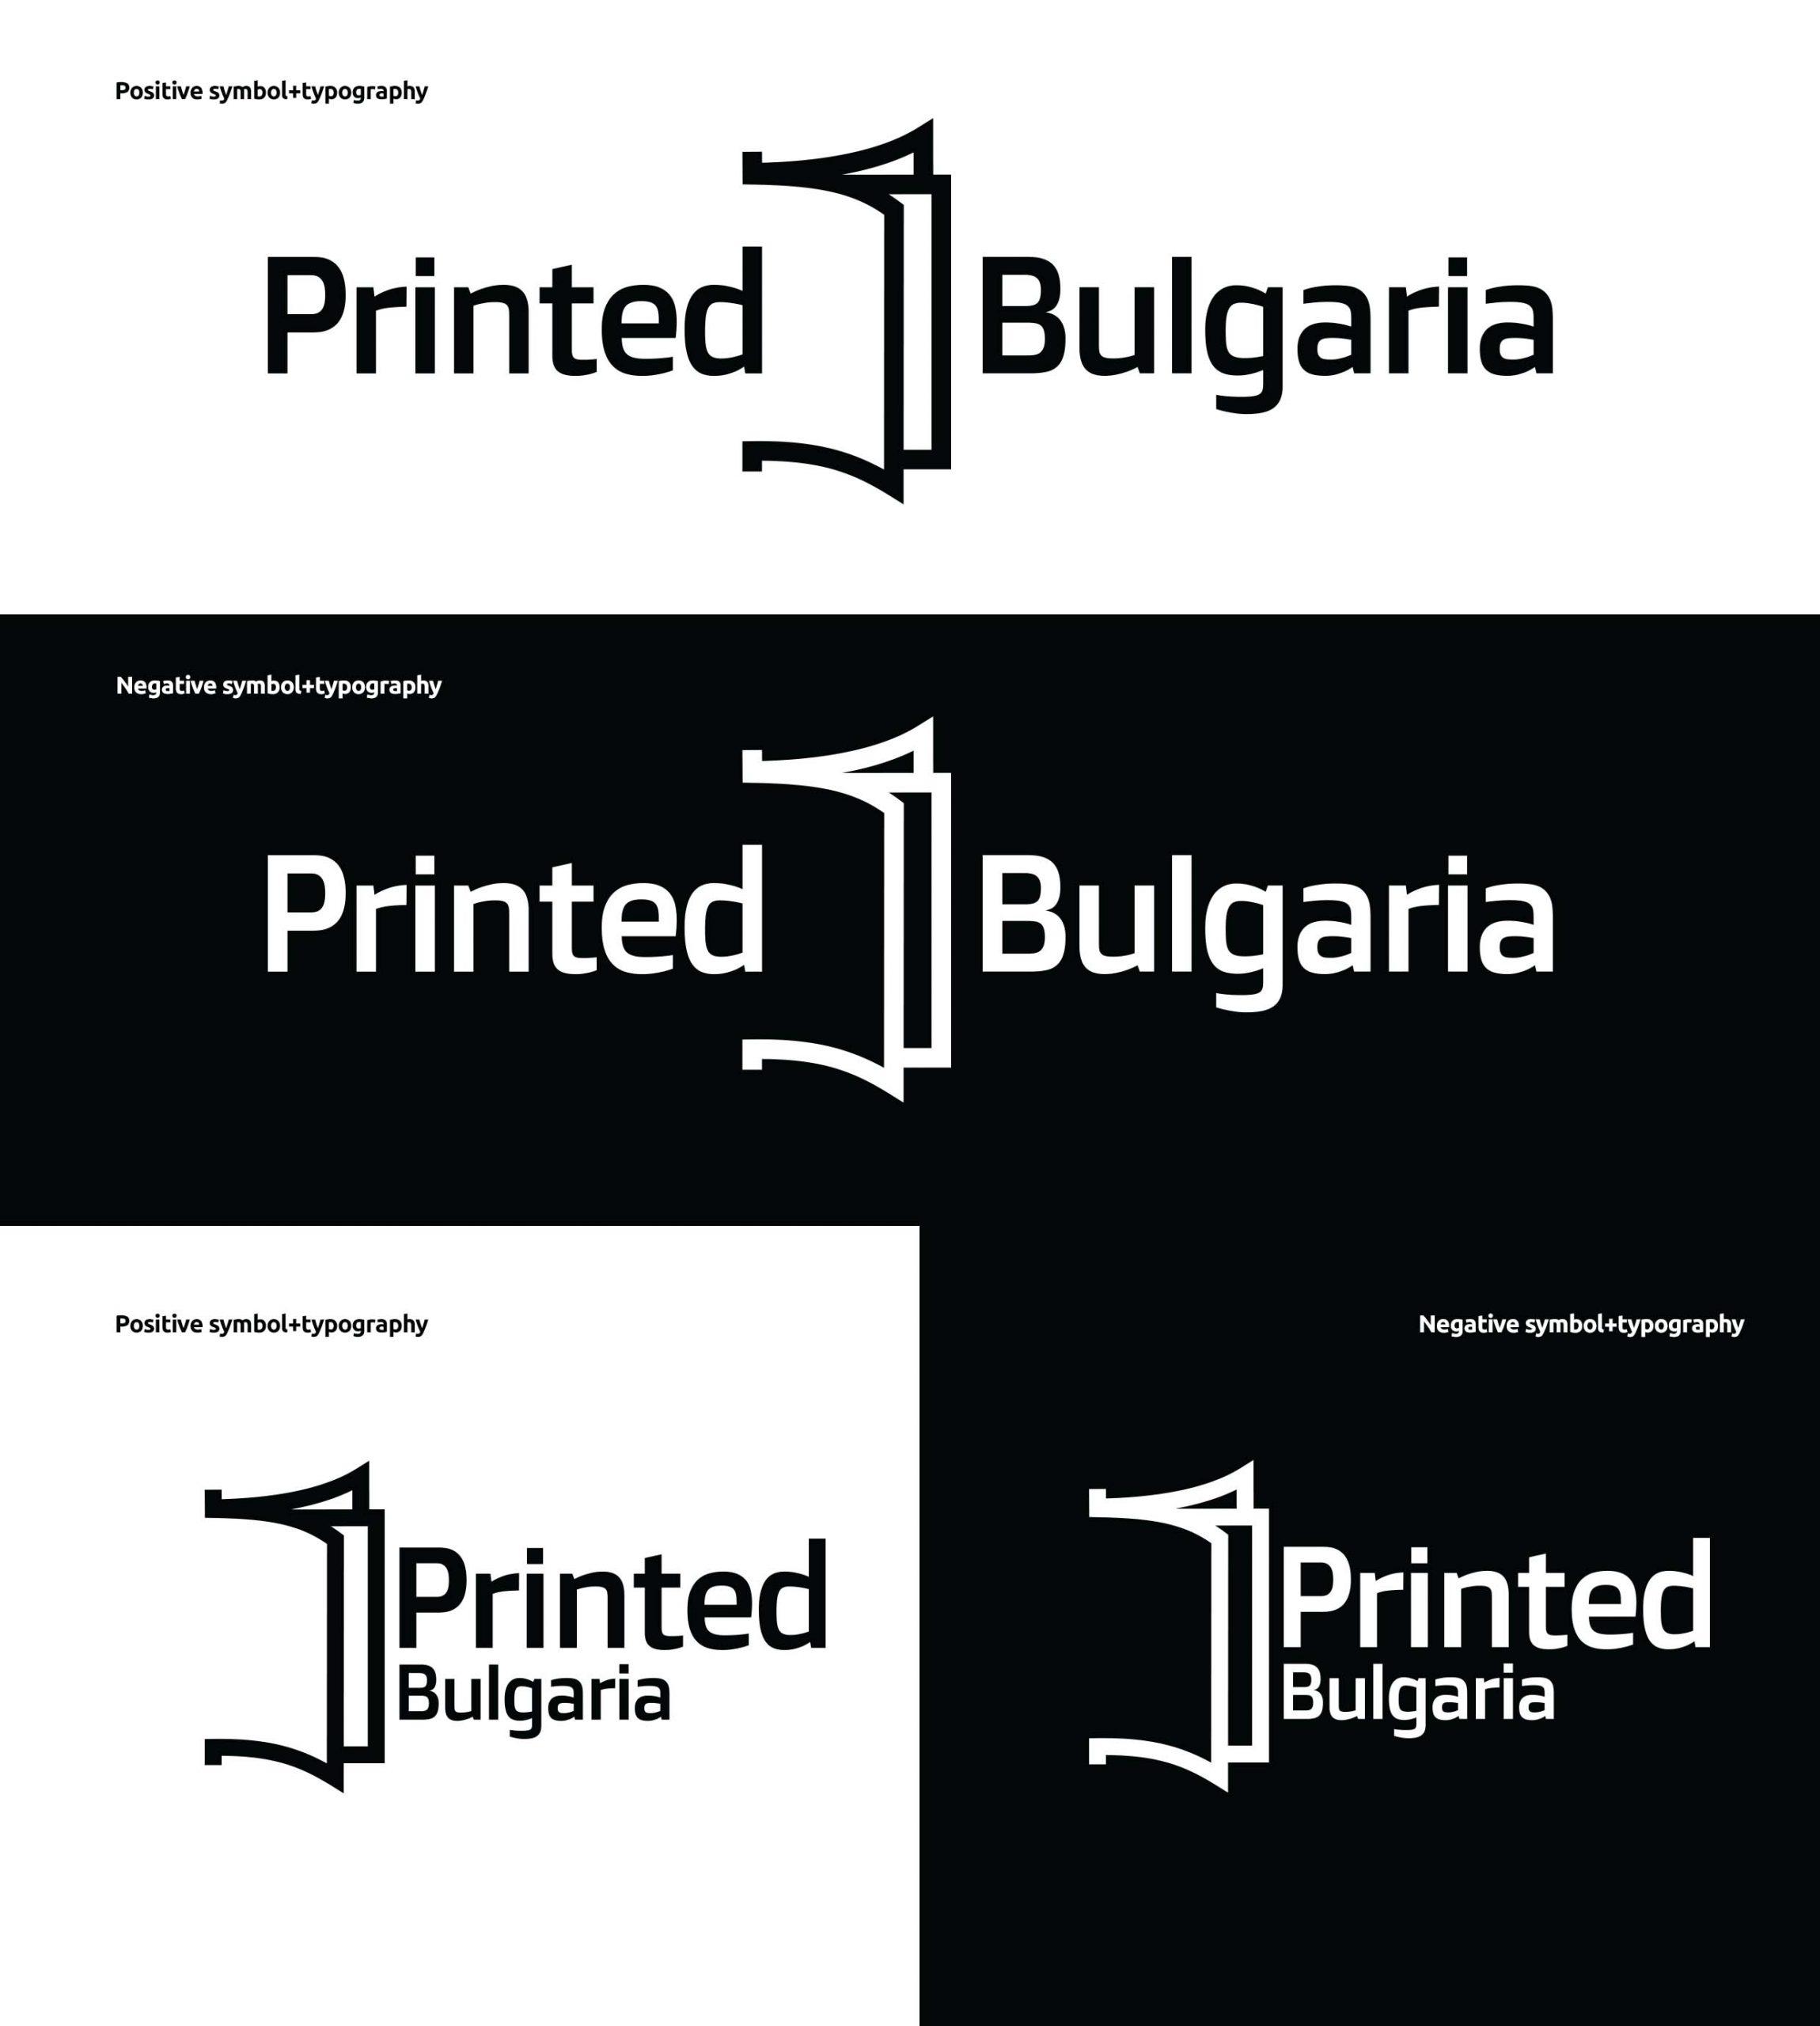 printed bulgaria